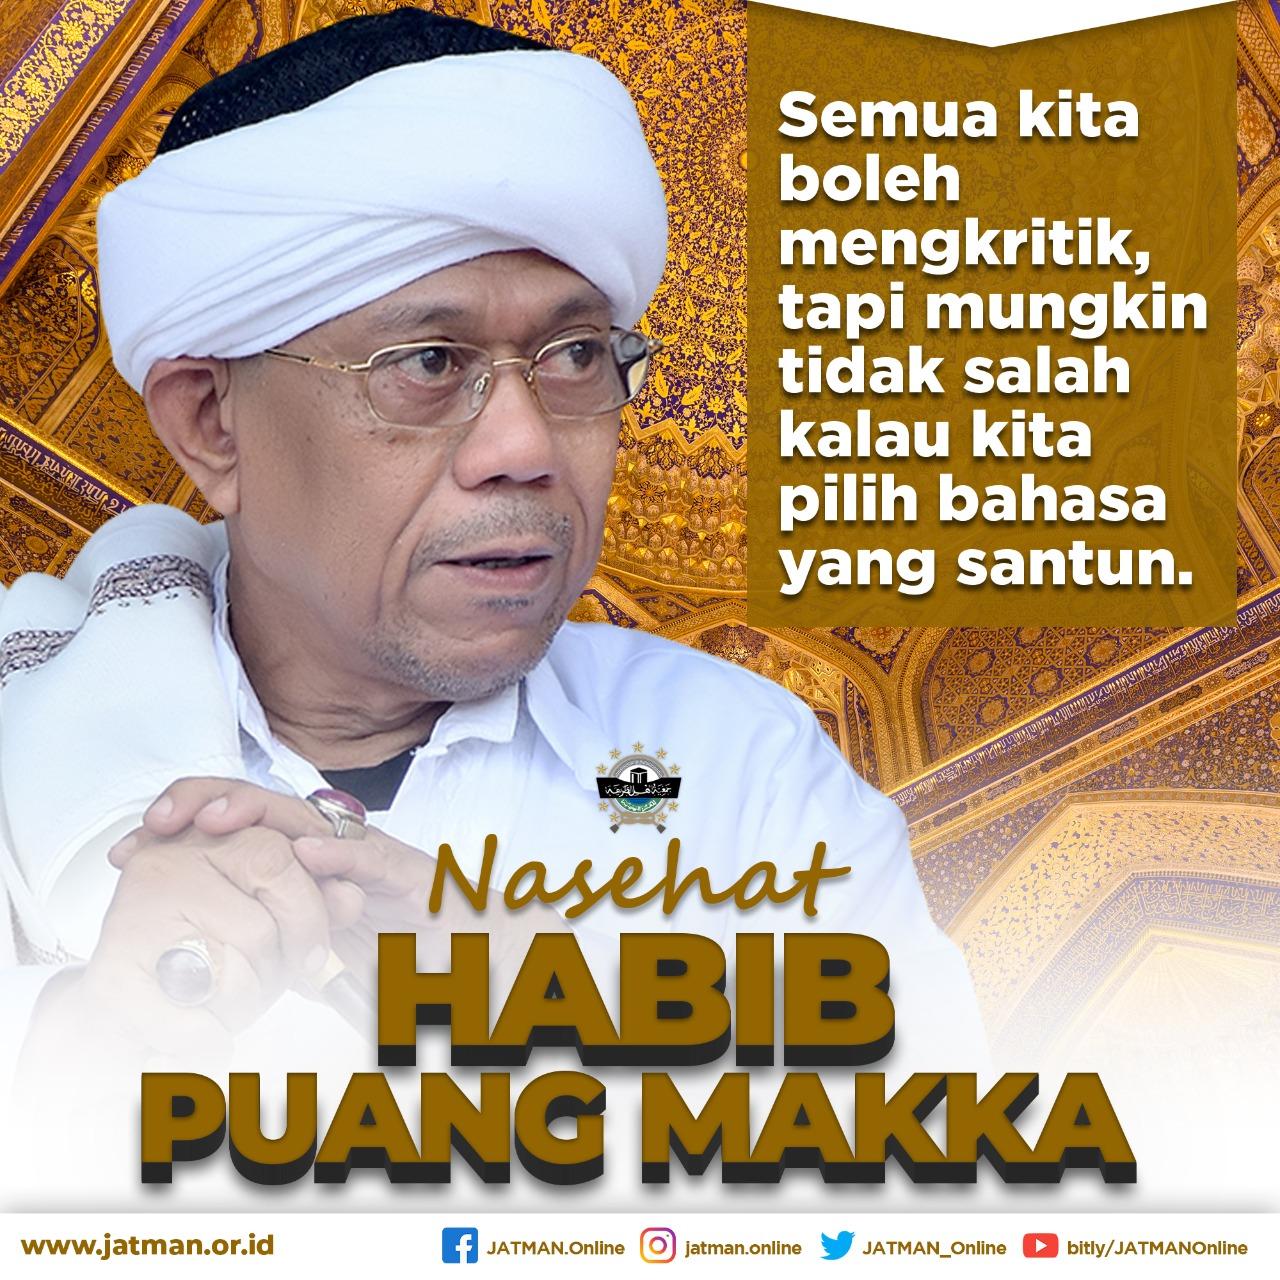 Nasehat Habib Puang Makka